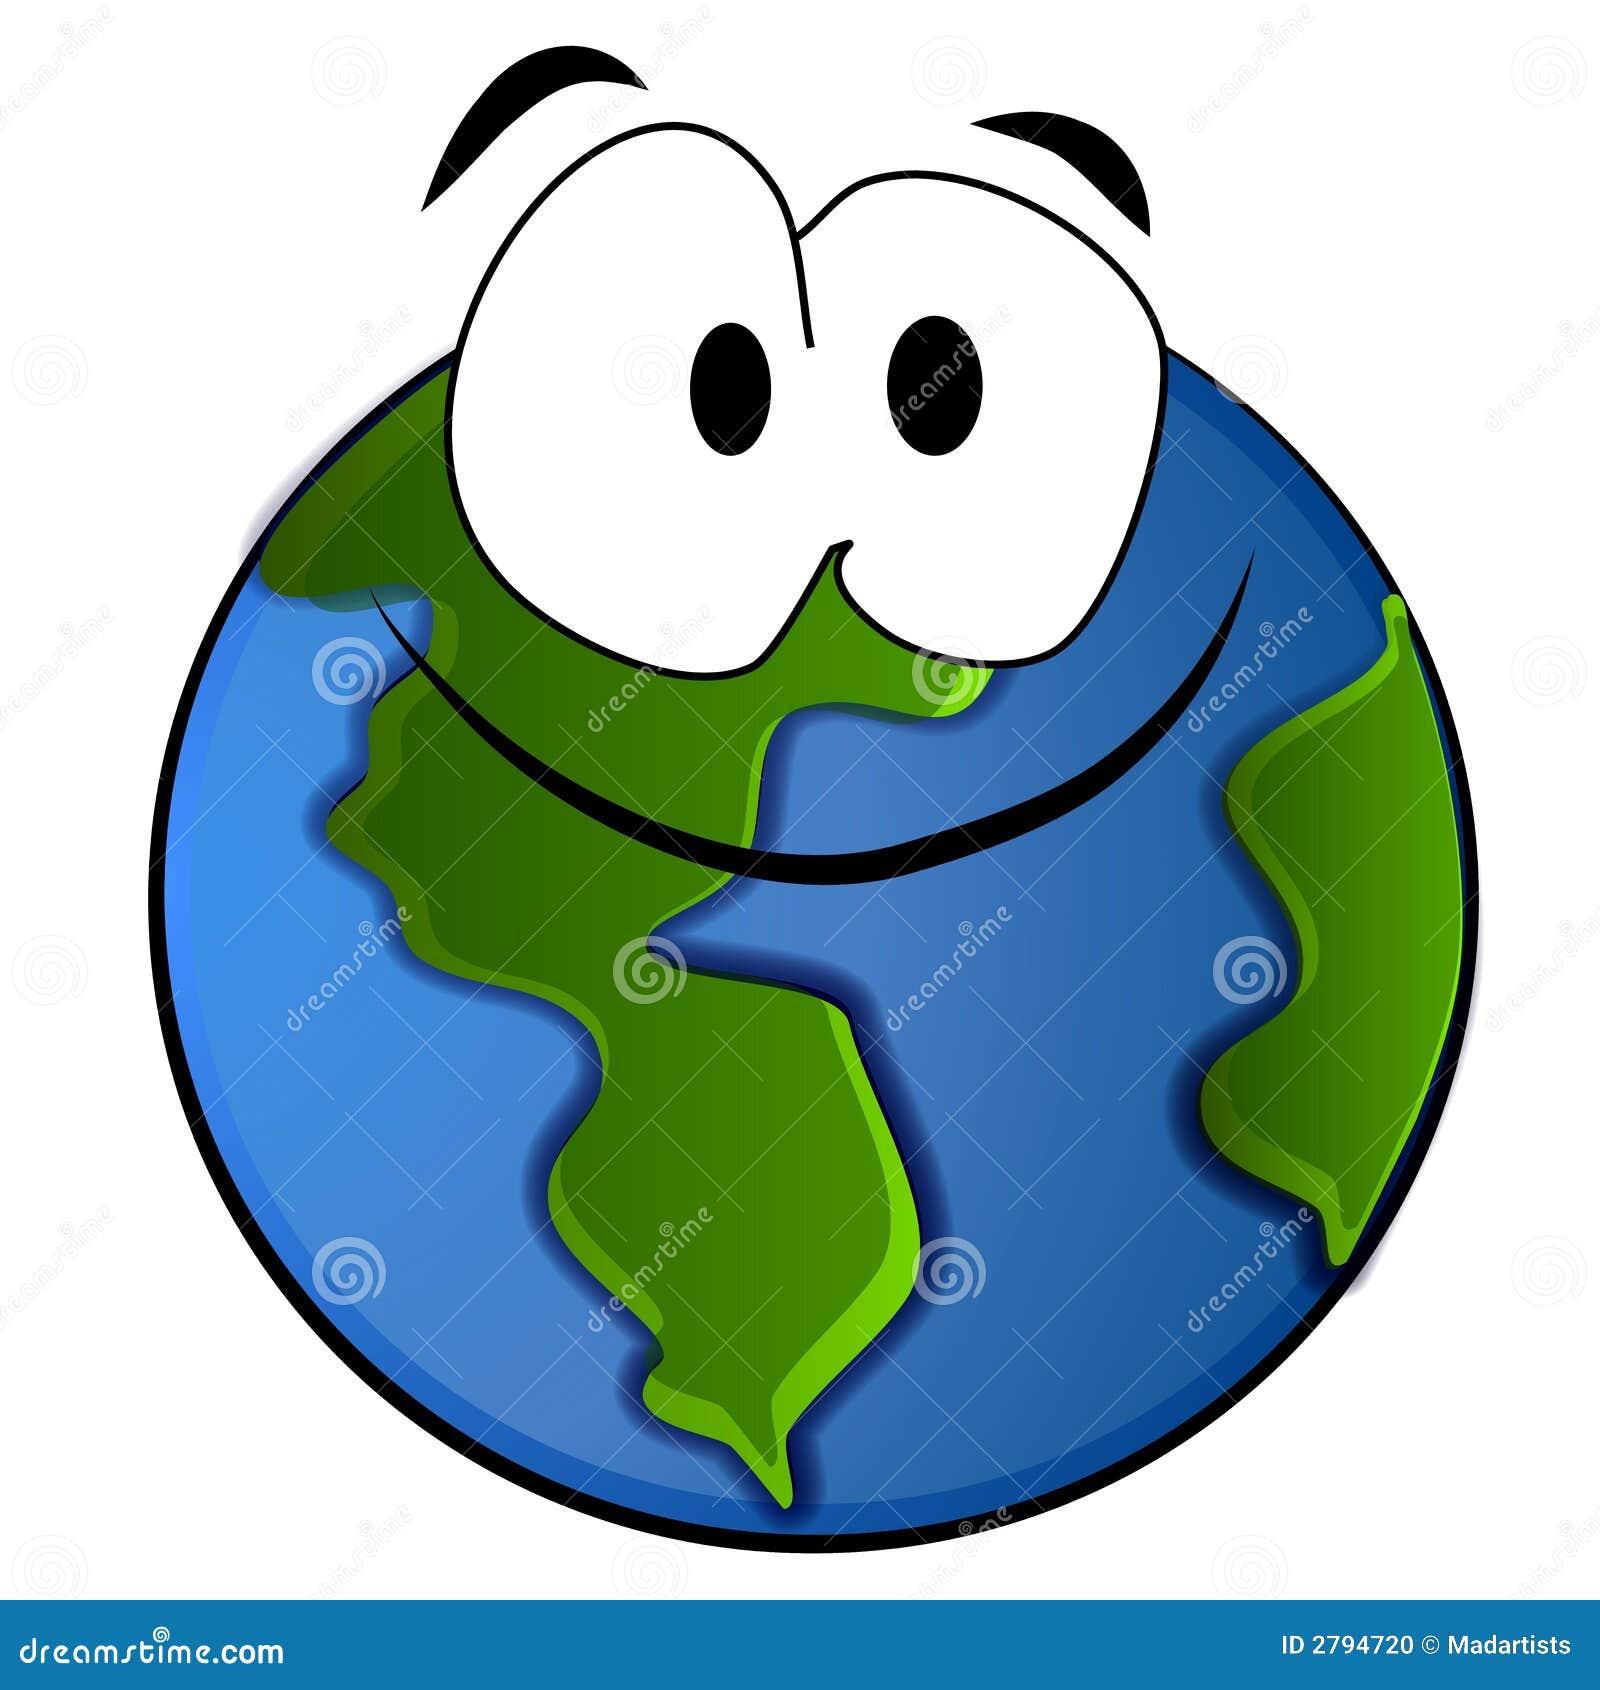 dessin anim u00e9 de sourire de la terre de plan u00e8te planet clipart images planet clipart color in